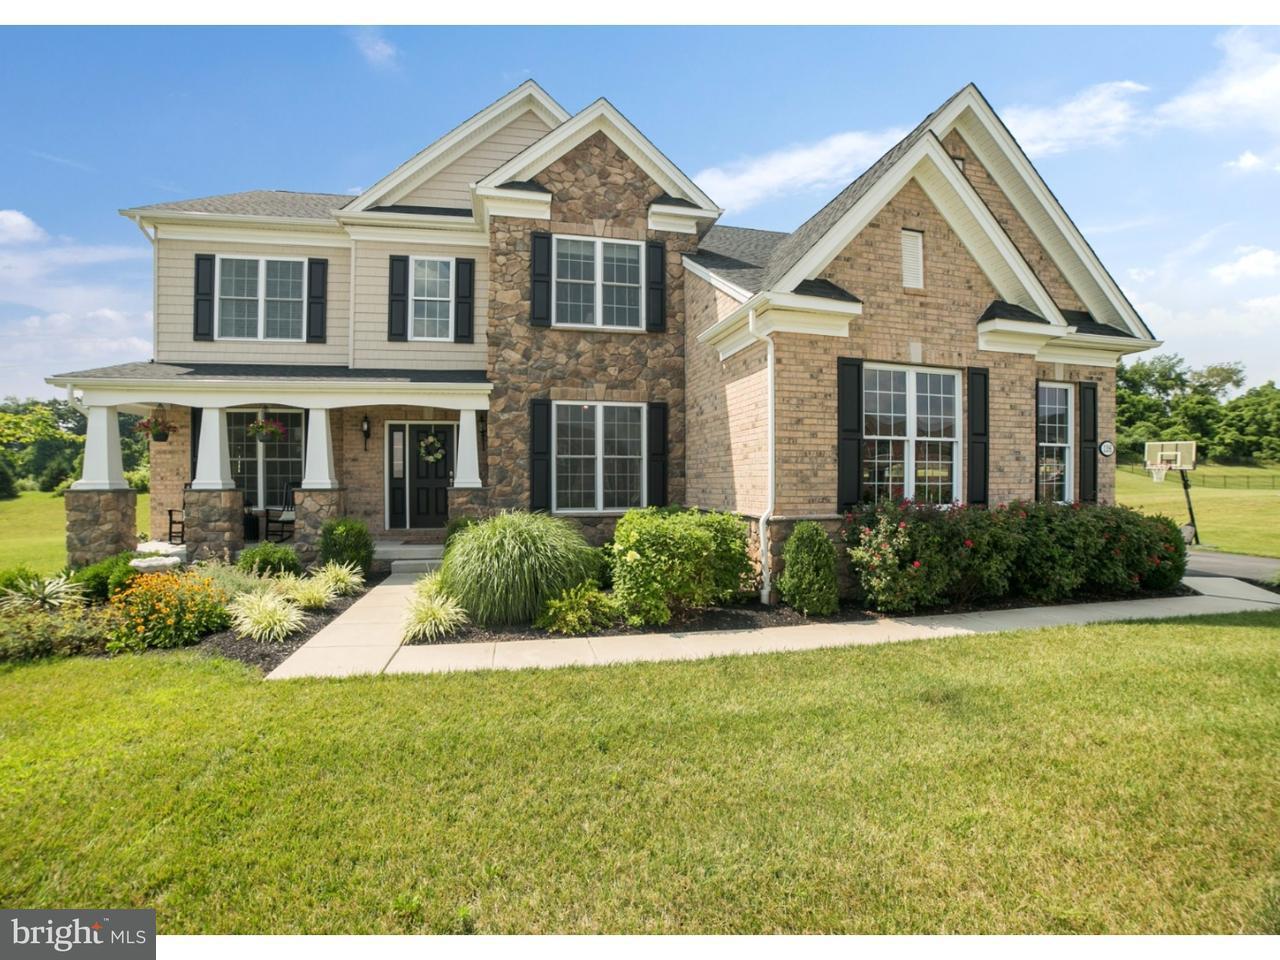 Maison unifamiliale pour l Vente à 126 BENNINGTON Road Phoenixville, Pennsylvanie 19460 États-Unis